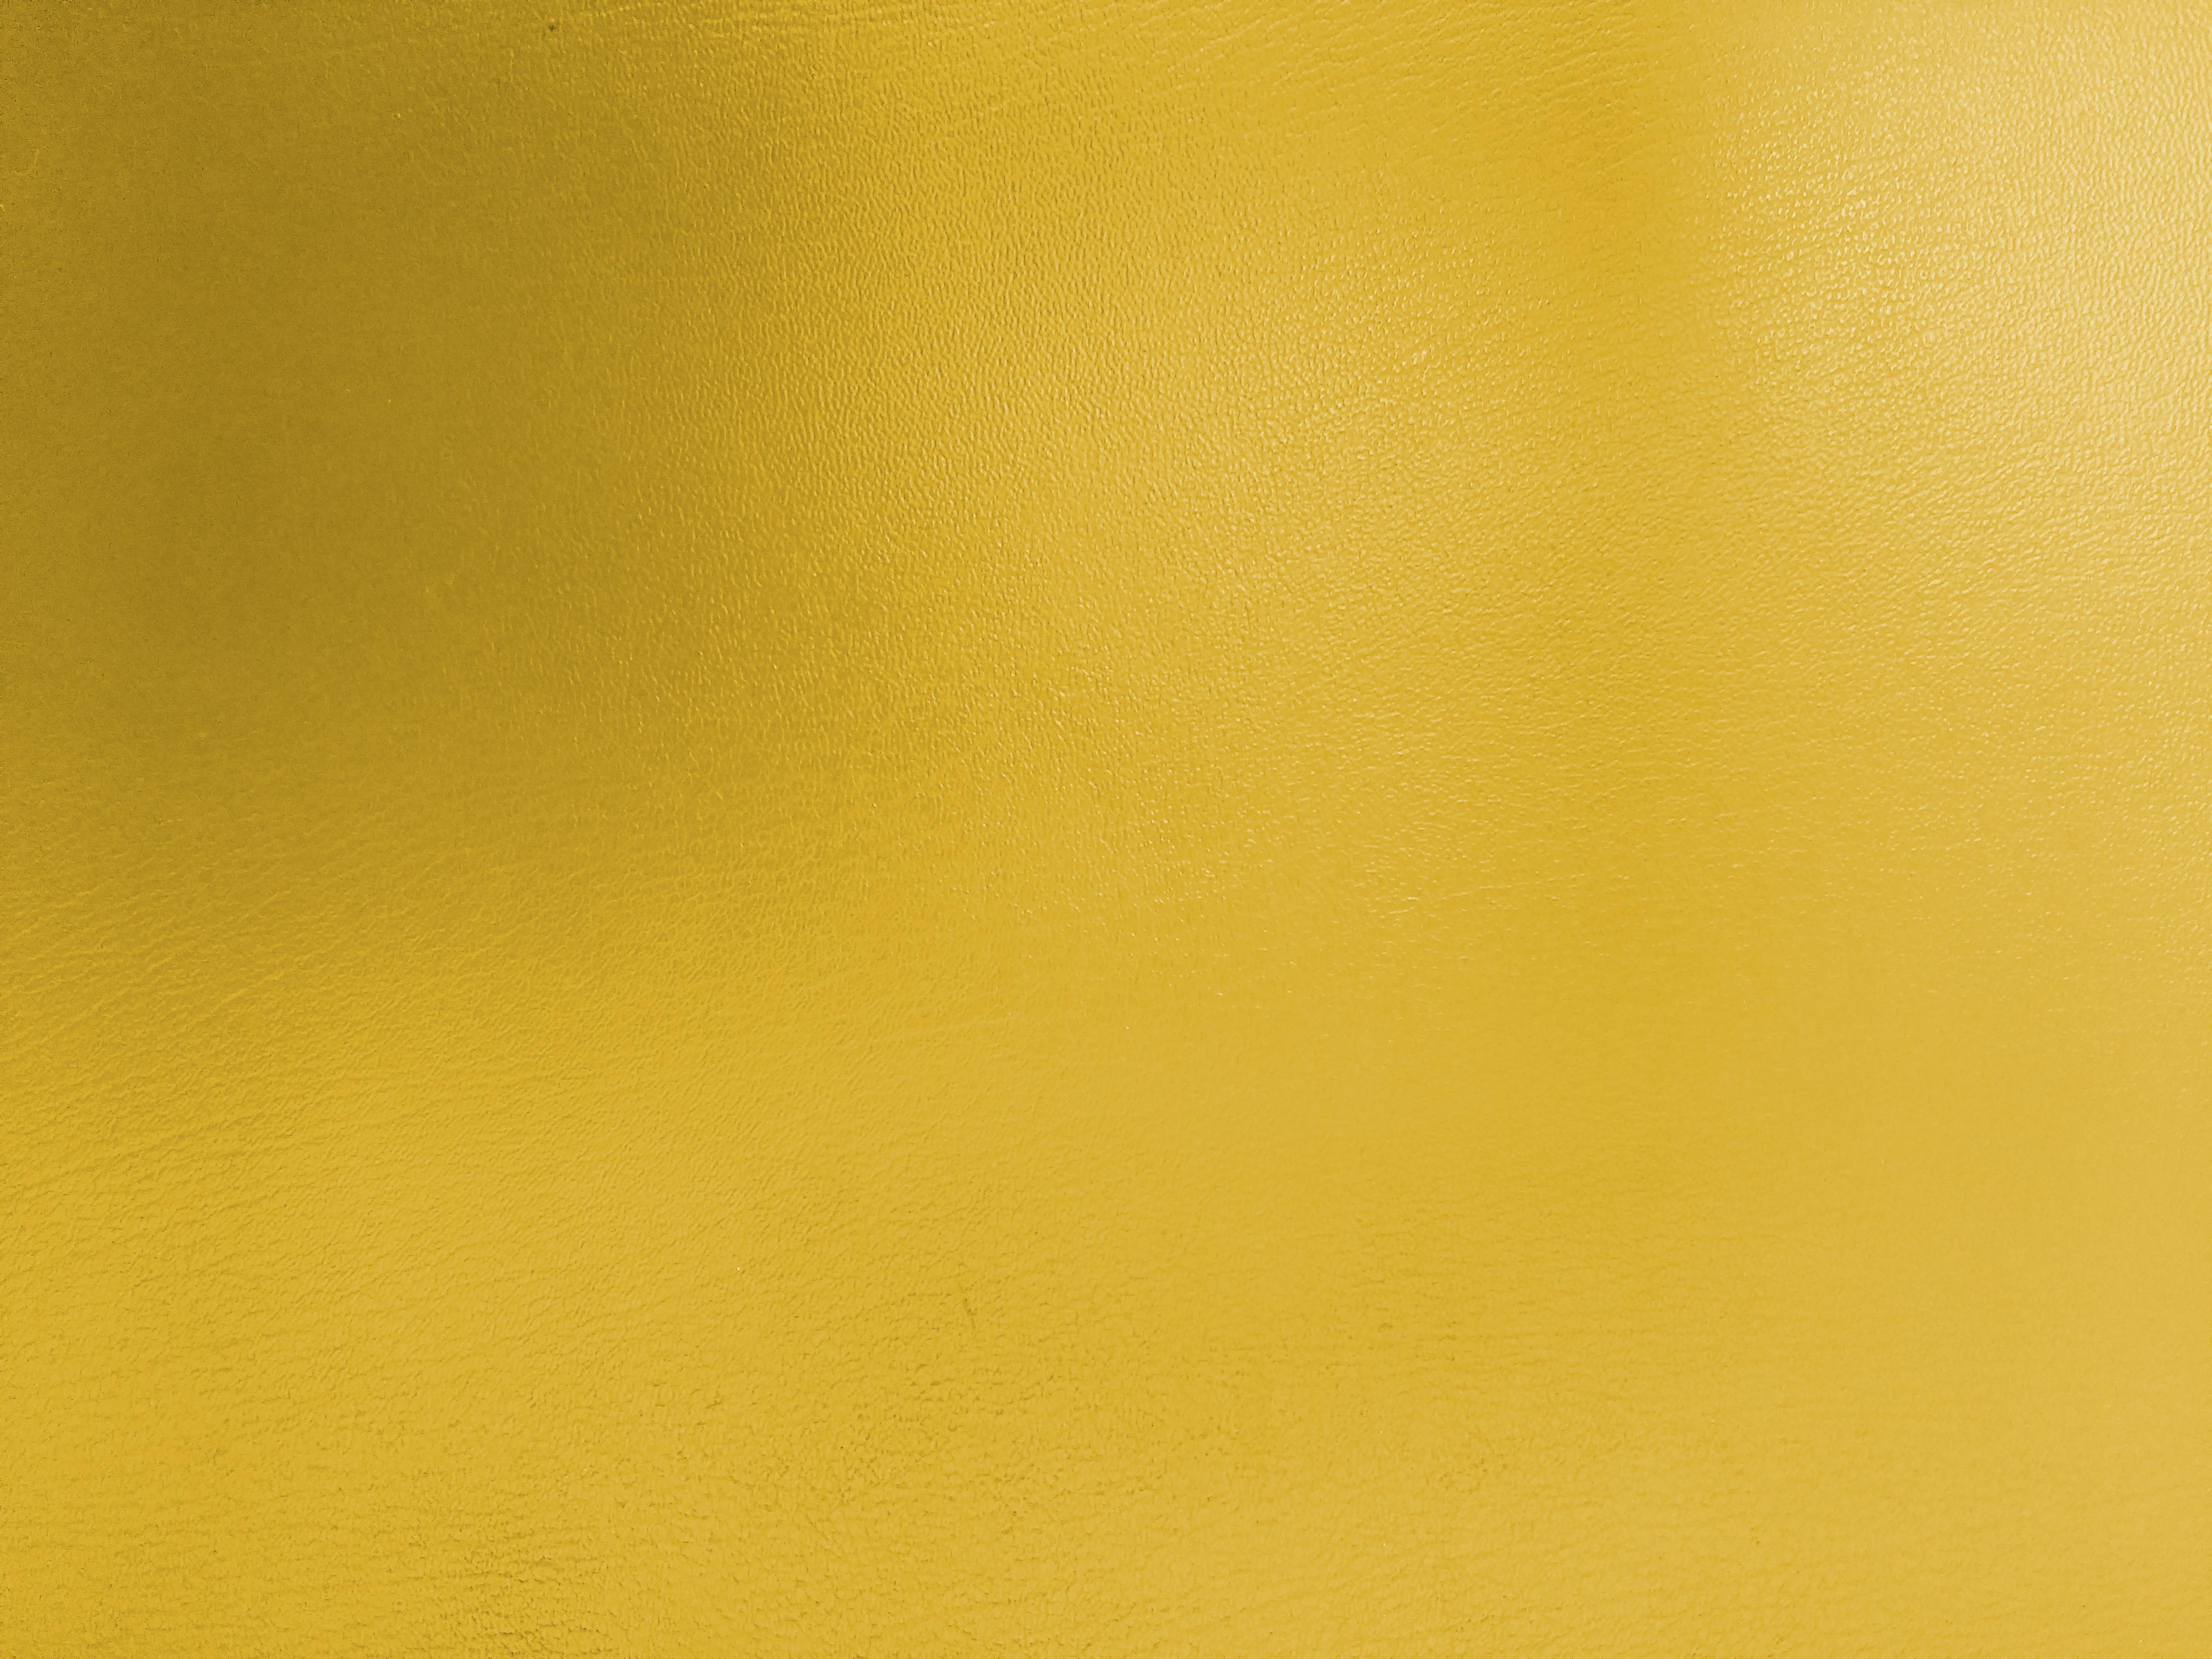 Gold Faux Leather Texture Picture Free Photograph Photos Public Domain